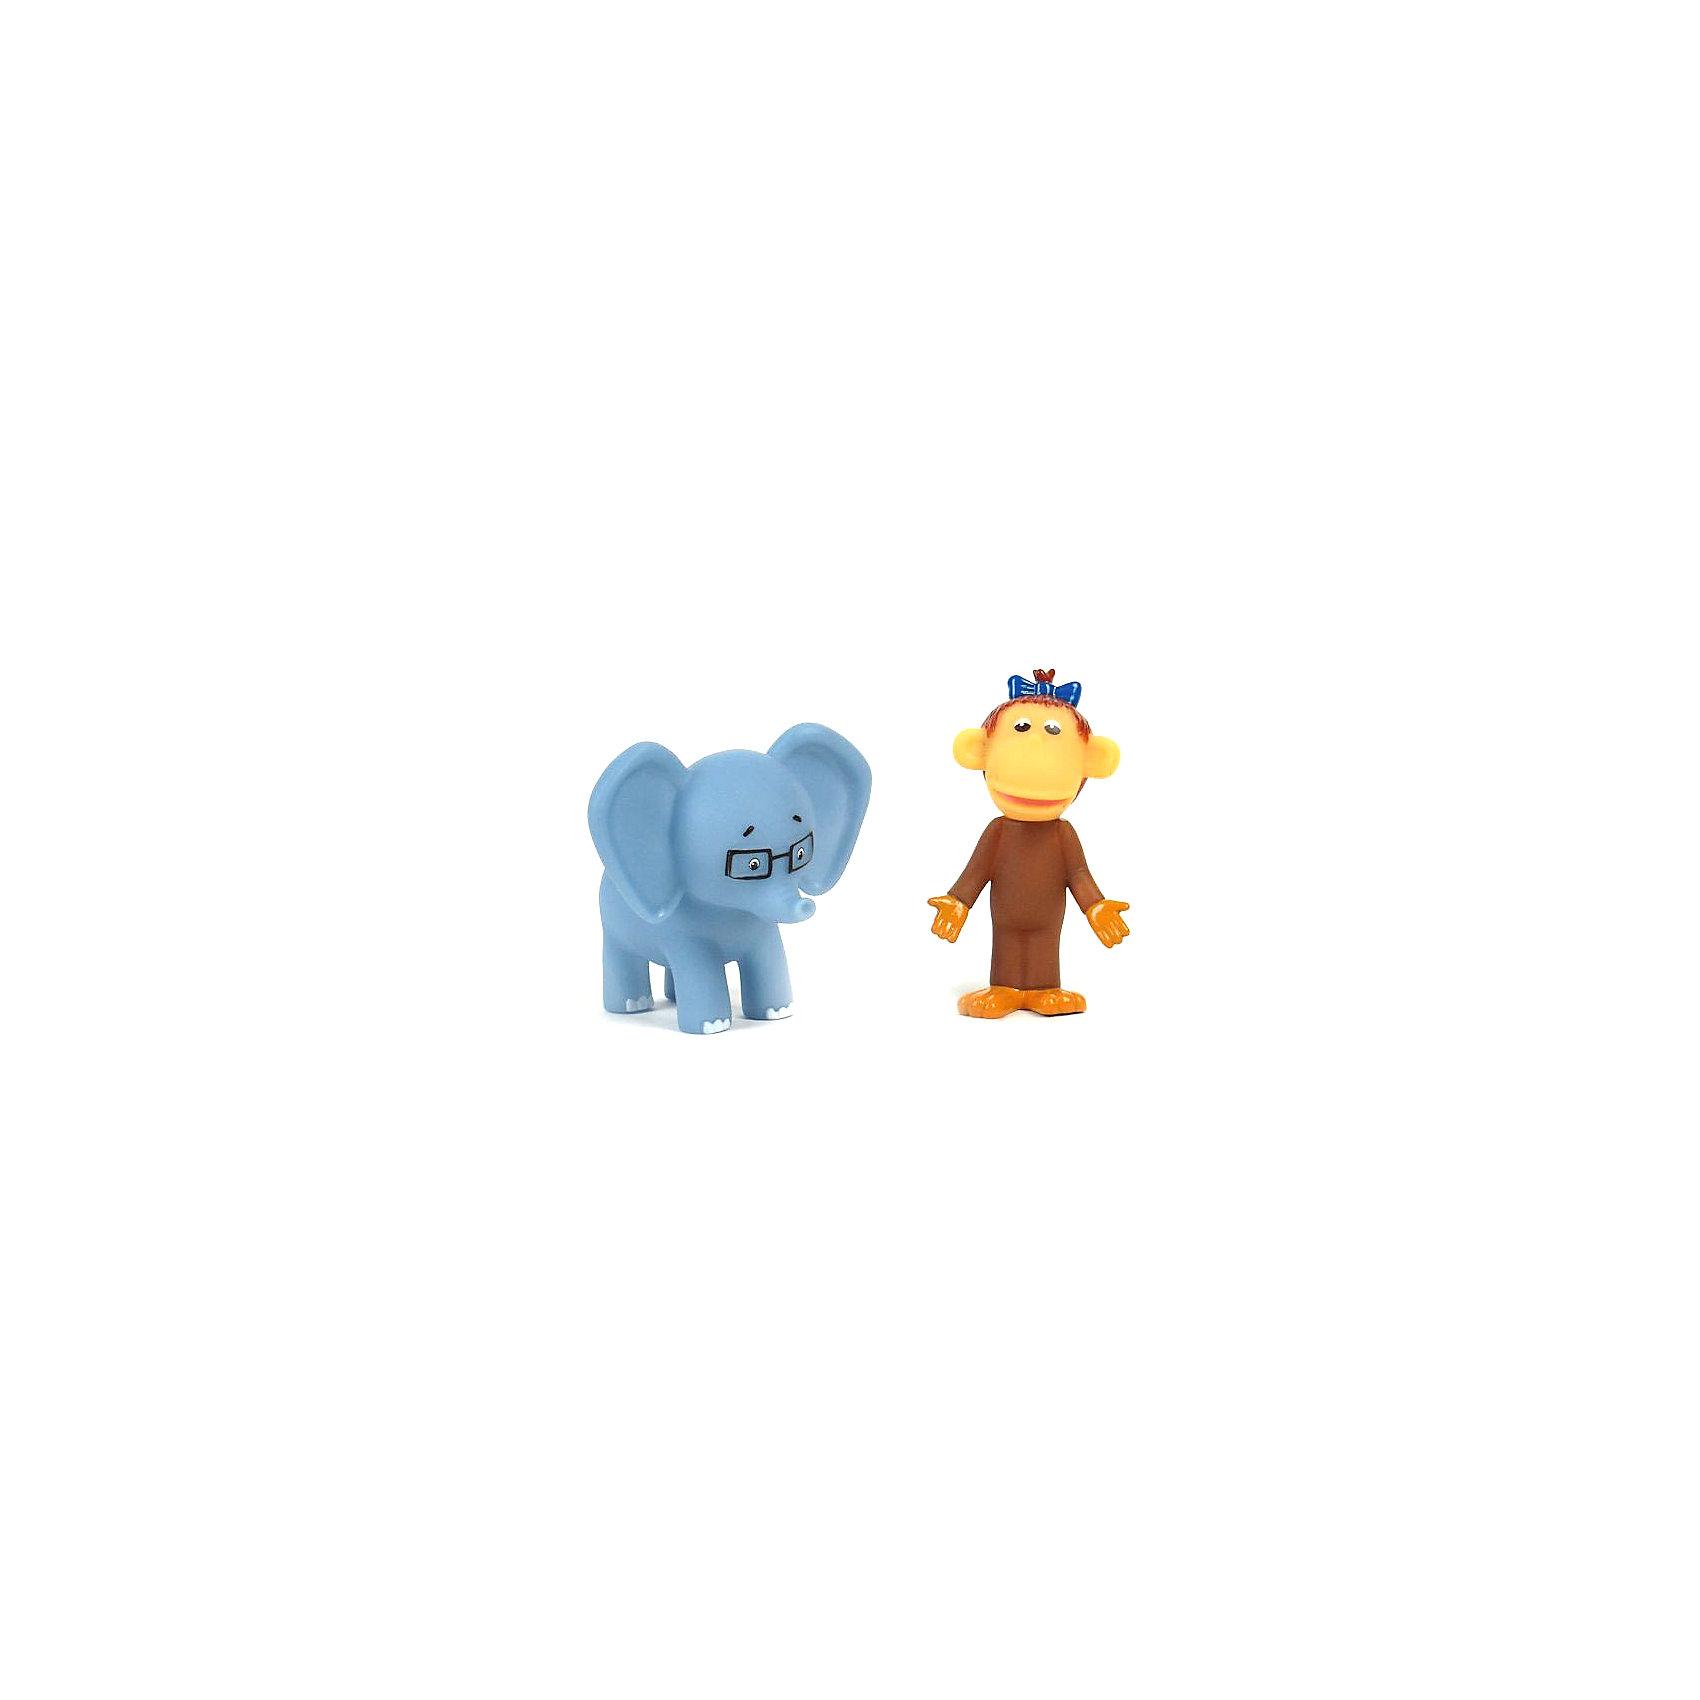 Набор для купания 38 попугаев, в ассортиментеИгрушки для ванной<br>Кто из малышей не любит плескаться в ванне?! Сделать купание веселее помогут игрушки в форме героев мультфильма 38 попугаев, этот набор обязательно порадует ребенка. Такие игрушки помогают детям развивать воображение, мелкую моторику, логику и творческое мышление.<br>Игрушки абсолютно безопасны для ребенка, сделаны из качественных материалов, легко моются. В них можно набирать воду и брызгаться струёй воды. В наборе - две игрушки. <br><br>Дополнительная информация:<br><br>цвет: разноцветный;<br>размер коробки: 6 х 19 х 13 см;<br>вес: 120 г;<br>материал: ПВХ;<br>комплектация: две игрушки.<br><br>Набор для купания 38 попугаев, в ассортименте, можно купить в нашем магазине.<br><br>Ширина мм: 60<br>Глубина мм: 190<br>Высота мм: 130<br>Вес г: 120<br>Возраст от месяцев: 6<br>Возраст до месяцев: 108<br>Пол: Унисекс<br>Возраст: Детский<br>SKU: 4913604